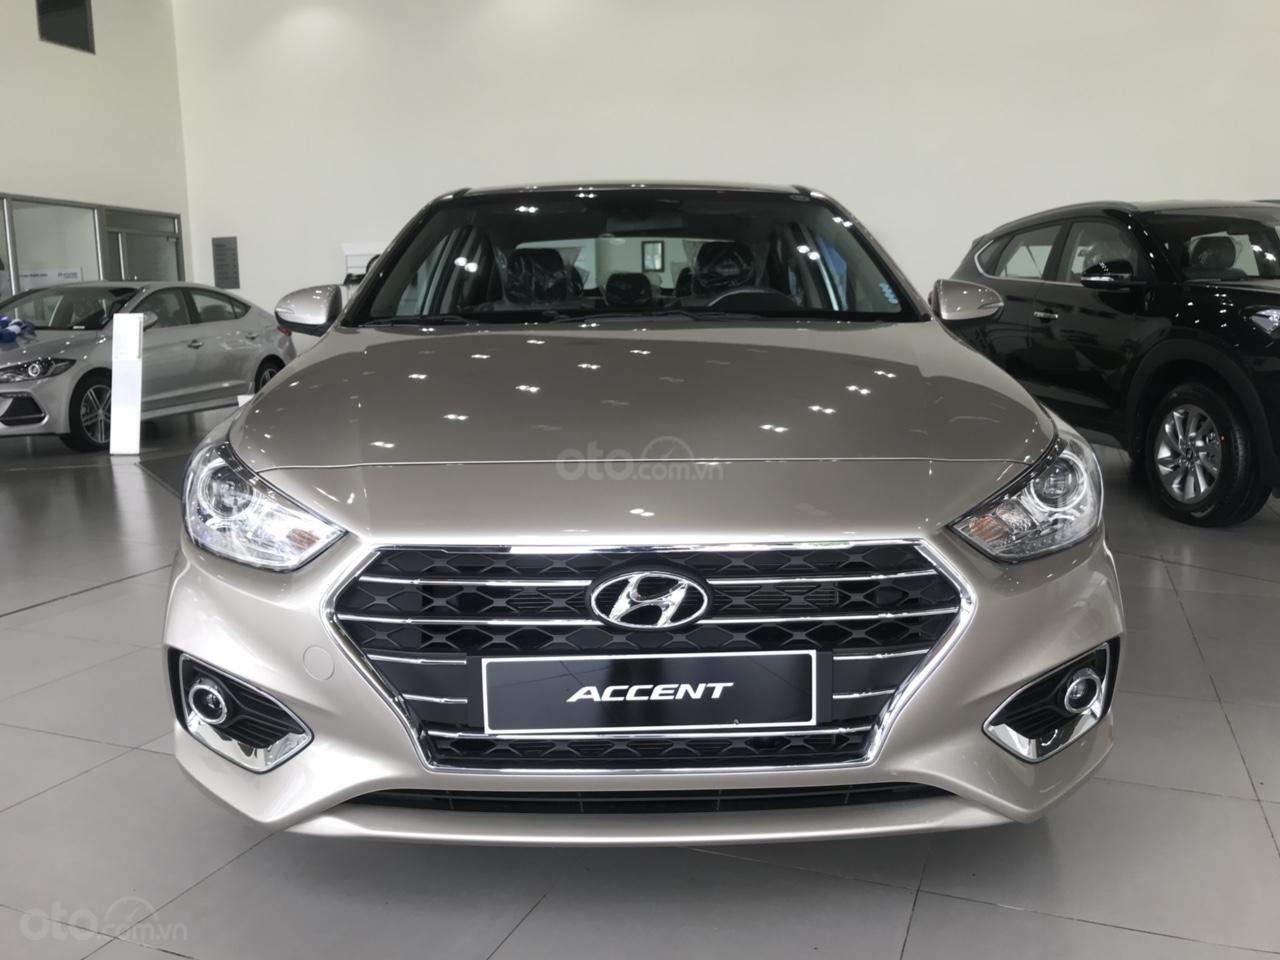 Bán Hyundai Accent 2019 mới - giá tốt - xe giao ngay, liên hệ 0909.342.986 (1)